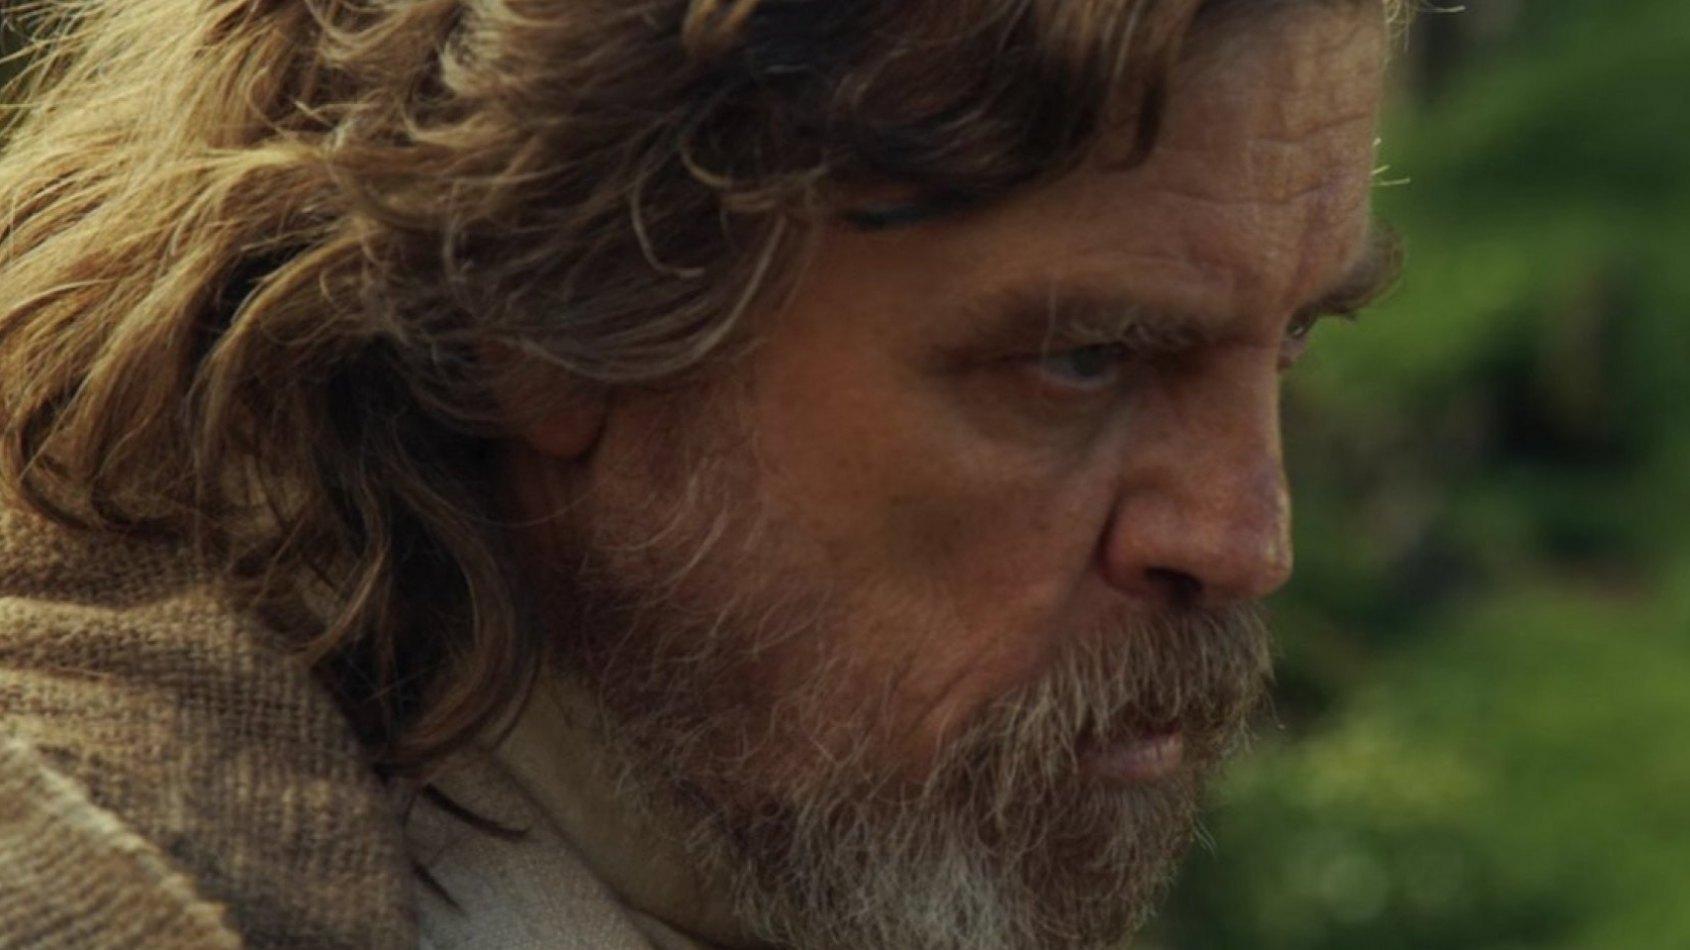 Rumeur sur une scène avec Luke Skywalker dans l'épisode VIII